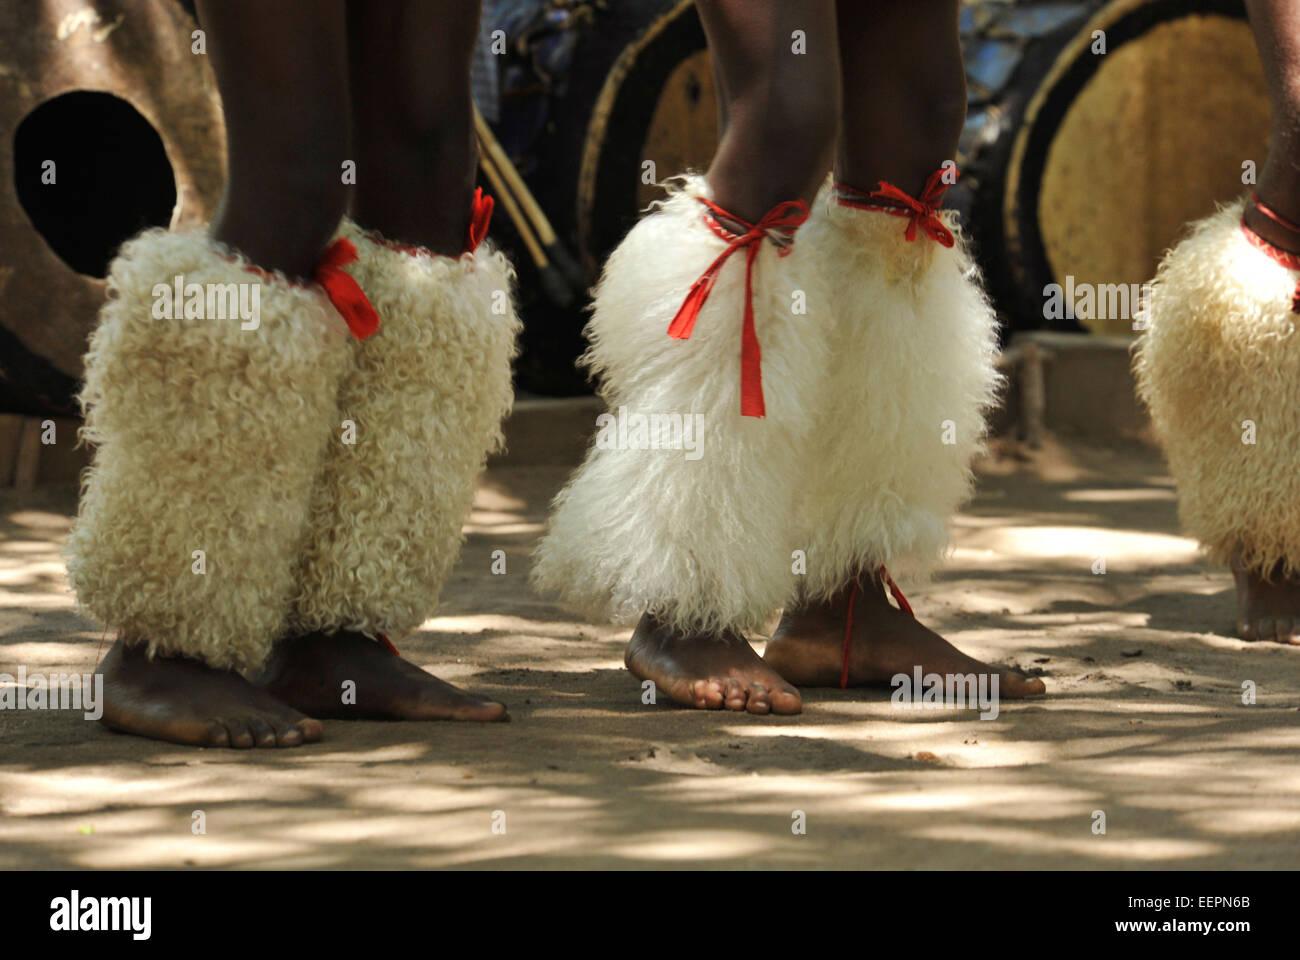 Polainas blancas en la parte inferior de las piernas de Swazi bailarines parte del traje ceremonial tradicional Imagen De Stock